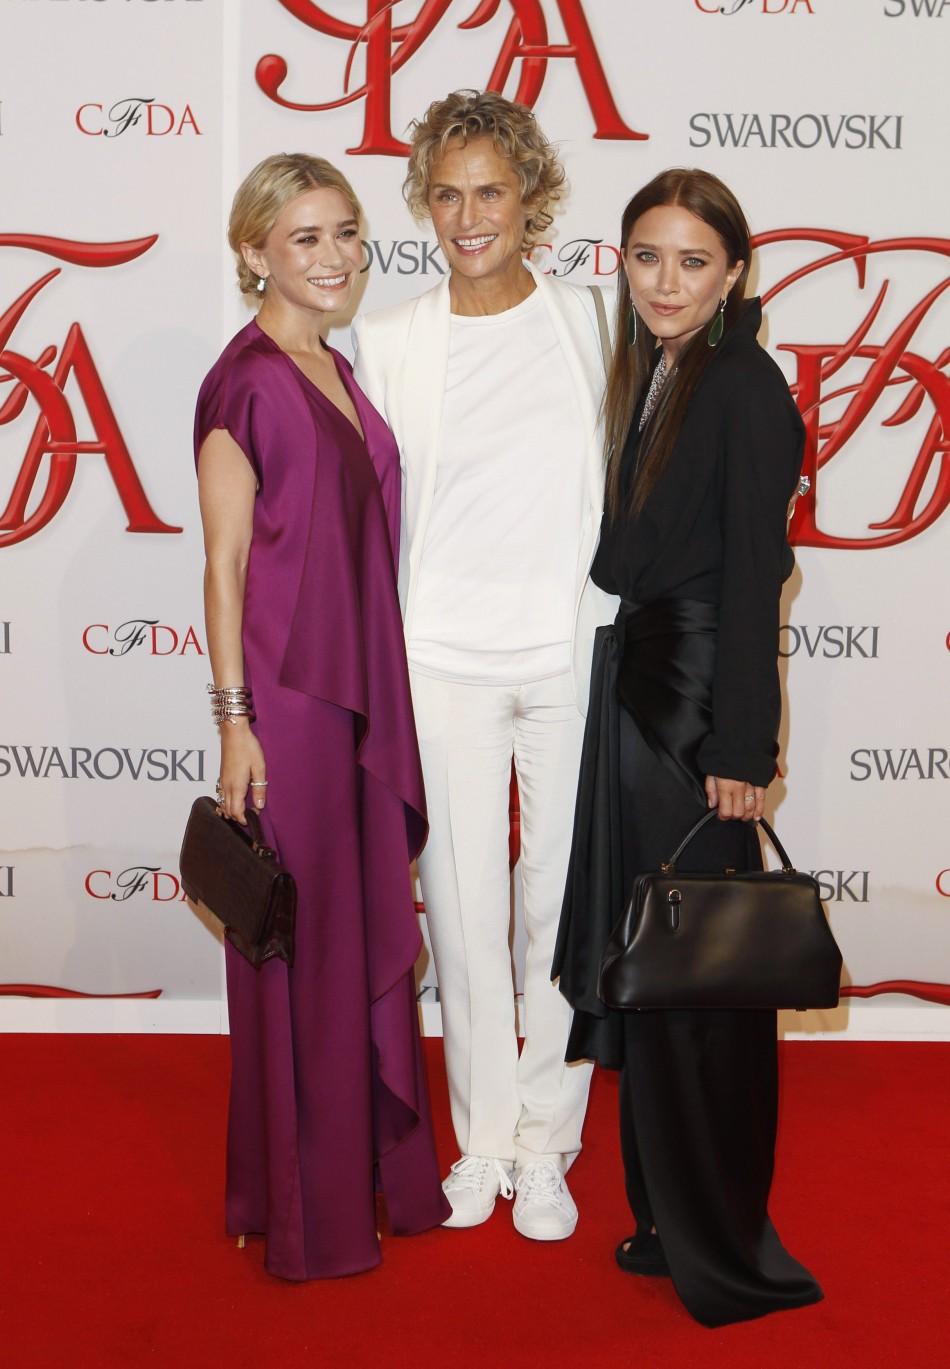 Cfda Fashion Awards Red Carpet